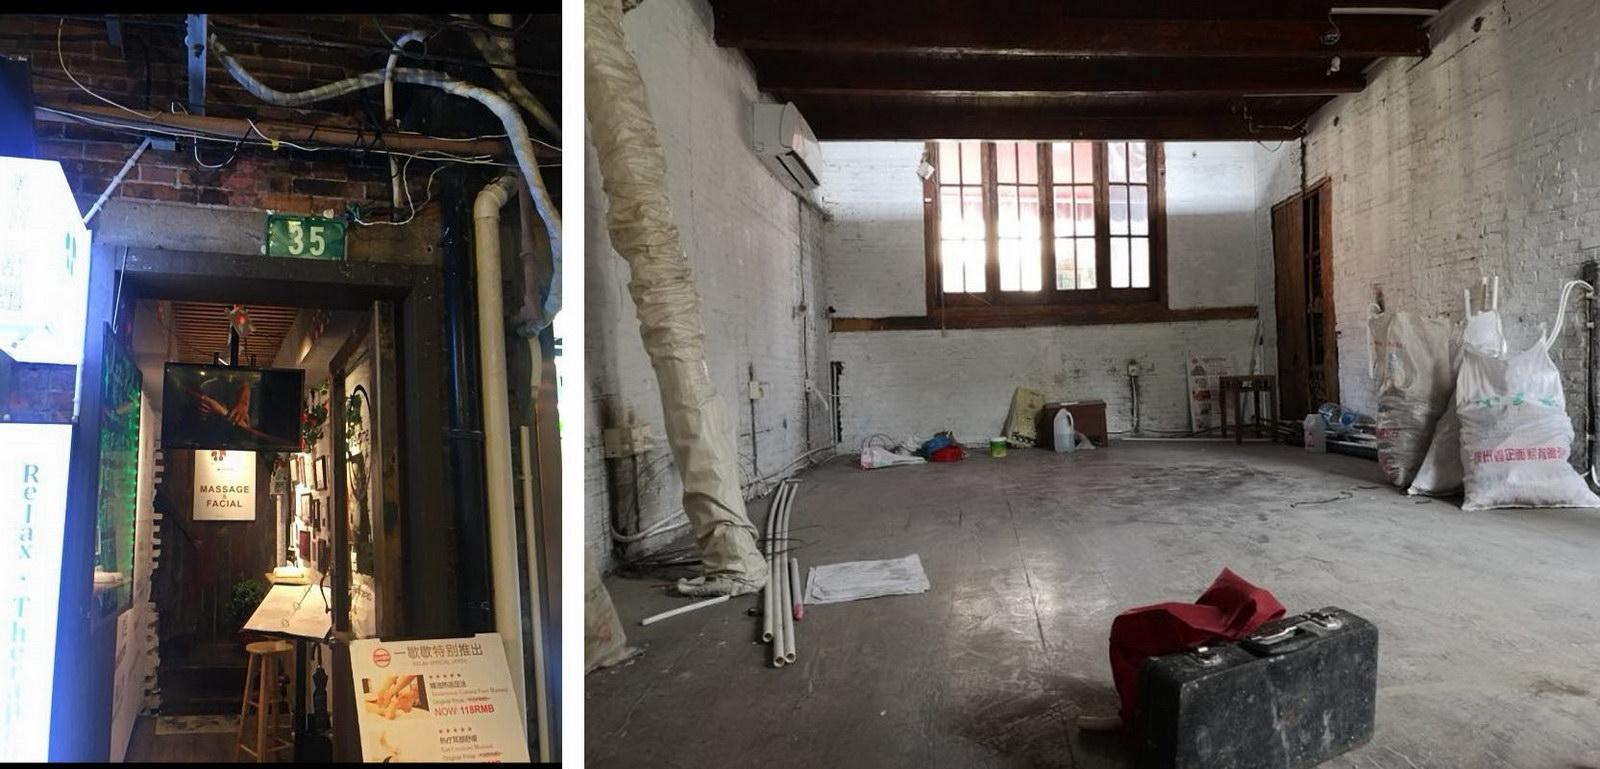 田子坊里的撸猫体验馆:猫之一隅 室内改造设计 / 平介设计